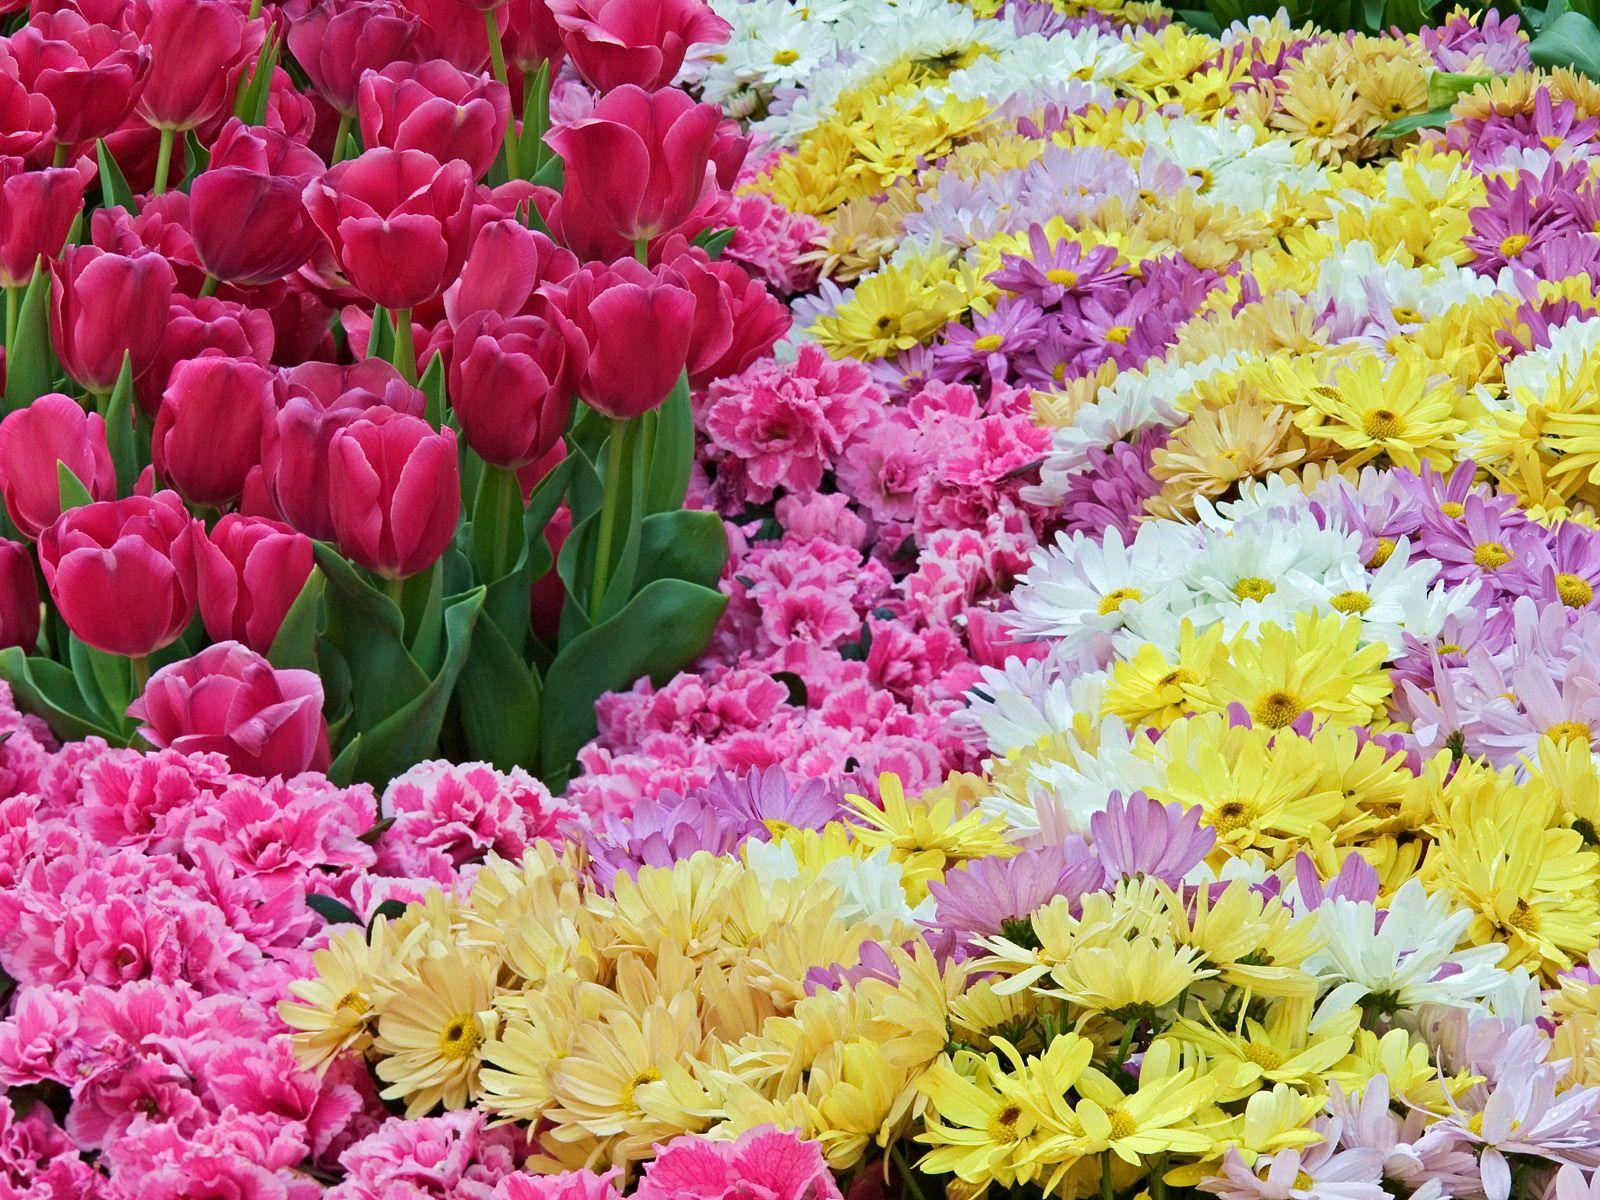 102578 скачать обои Цветы, Гвоздики, Ковер, Хризантемы, Тюльпаны - заставки и картинки бесплатно